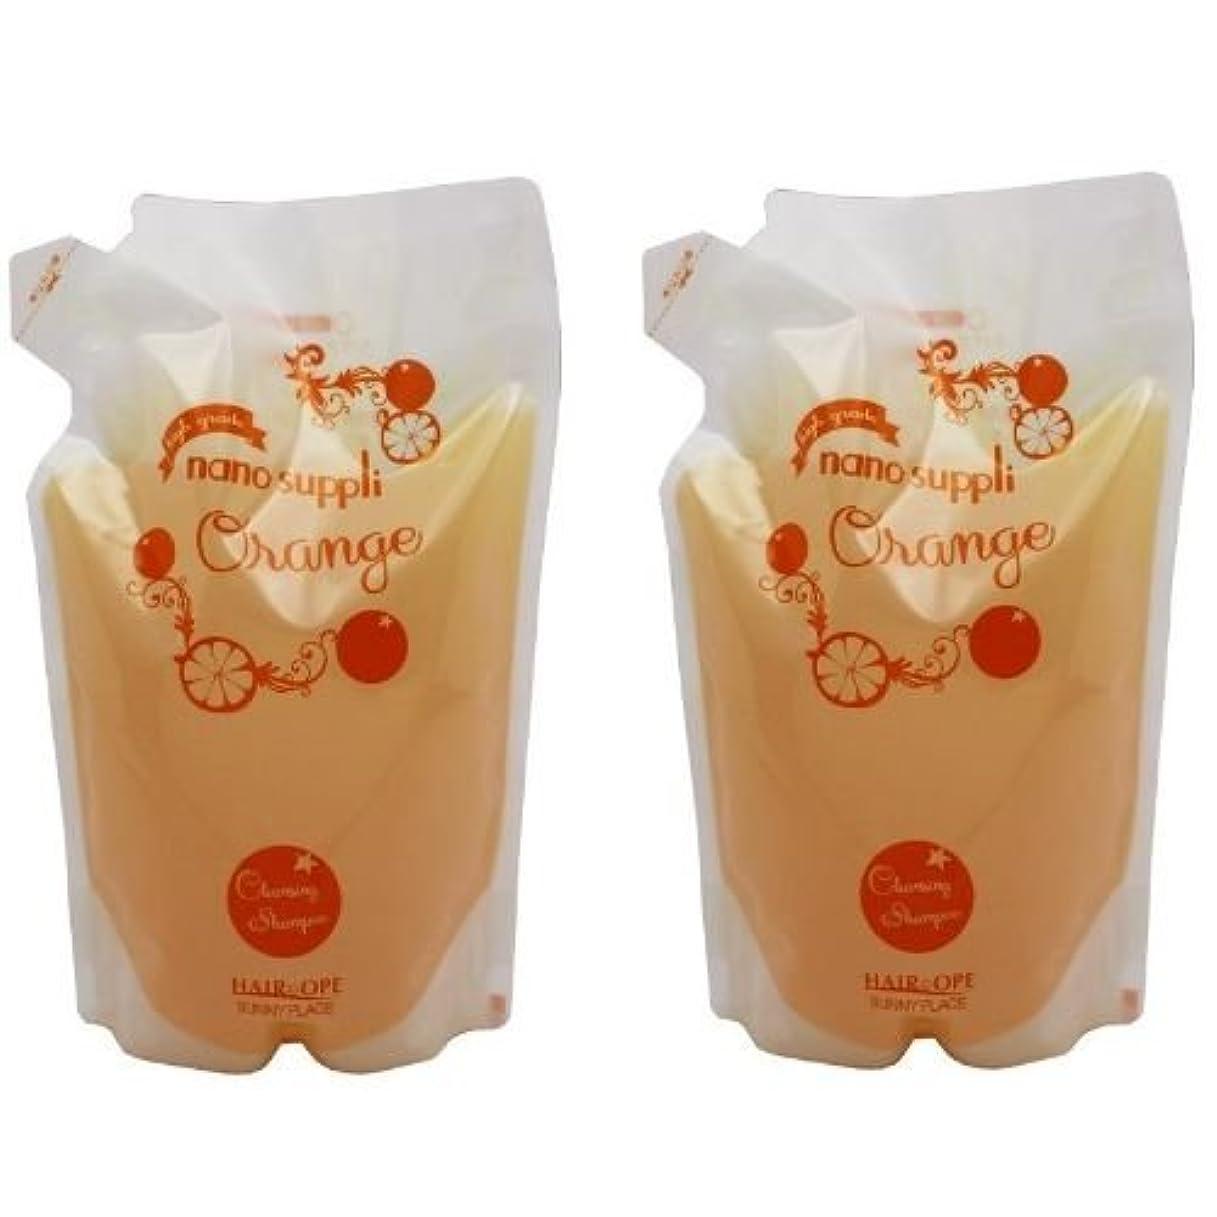 仲介者好きであるナイトスポット【X2個セット】 サニープレイス ナノサプリ クレンジングシャンプー オレンジ 800ml 詰替え用